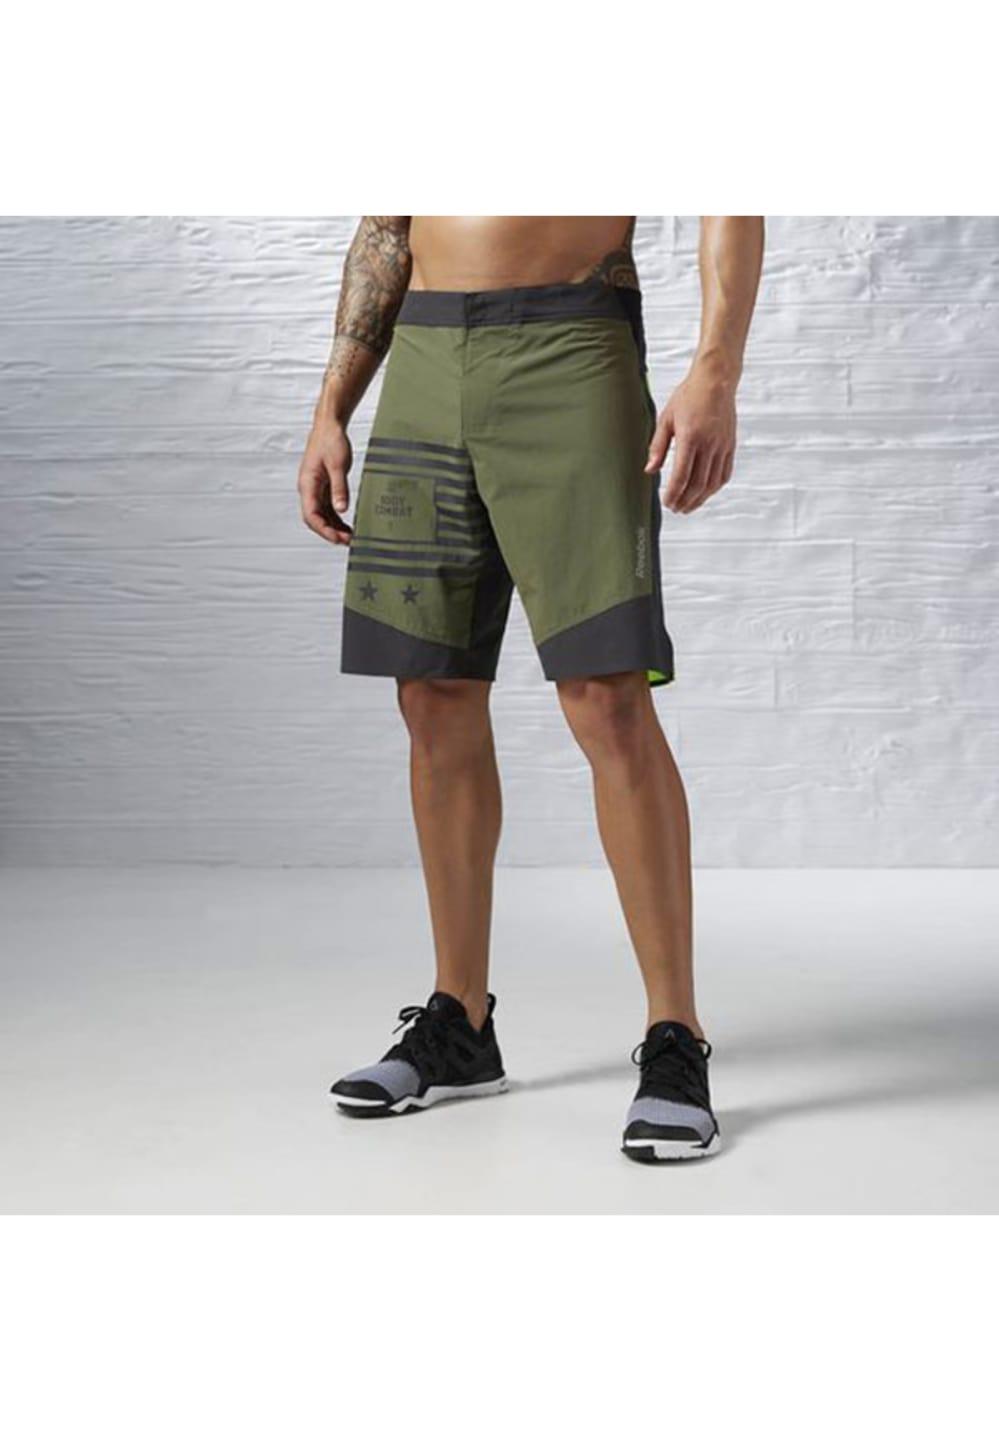 Reebok Les Mills Bodycombat Short - Laufhosen für Herren - Grün, Gr. XXL